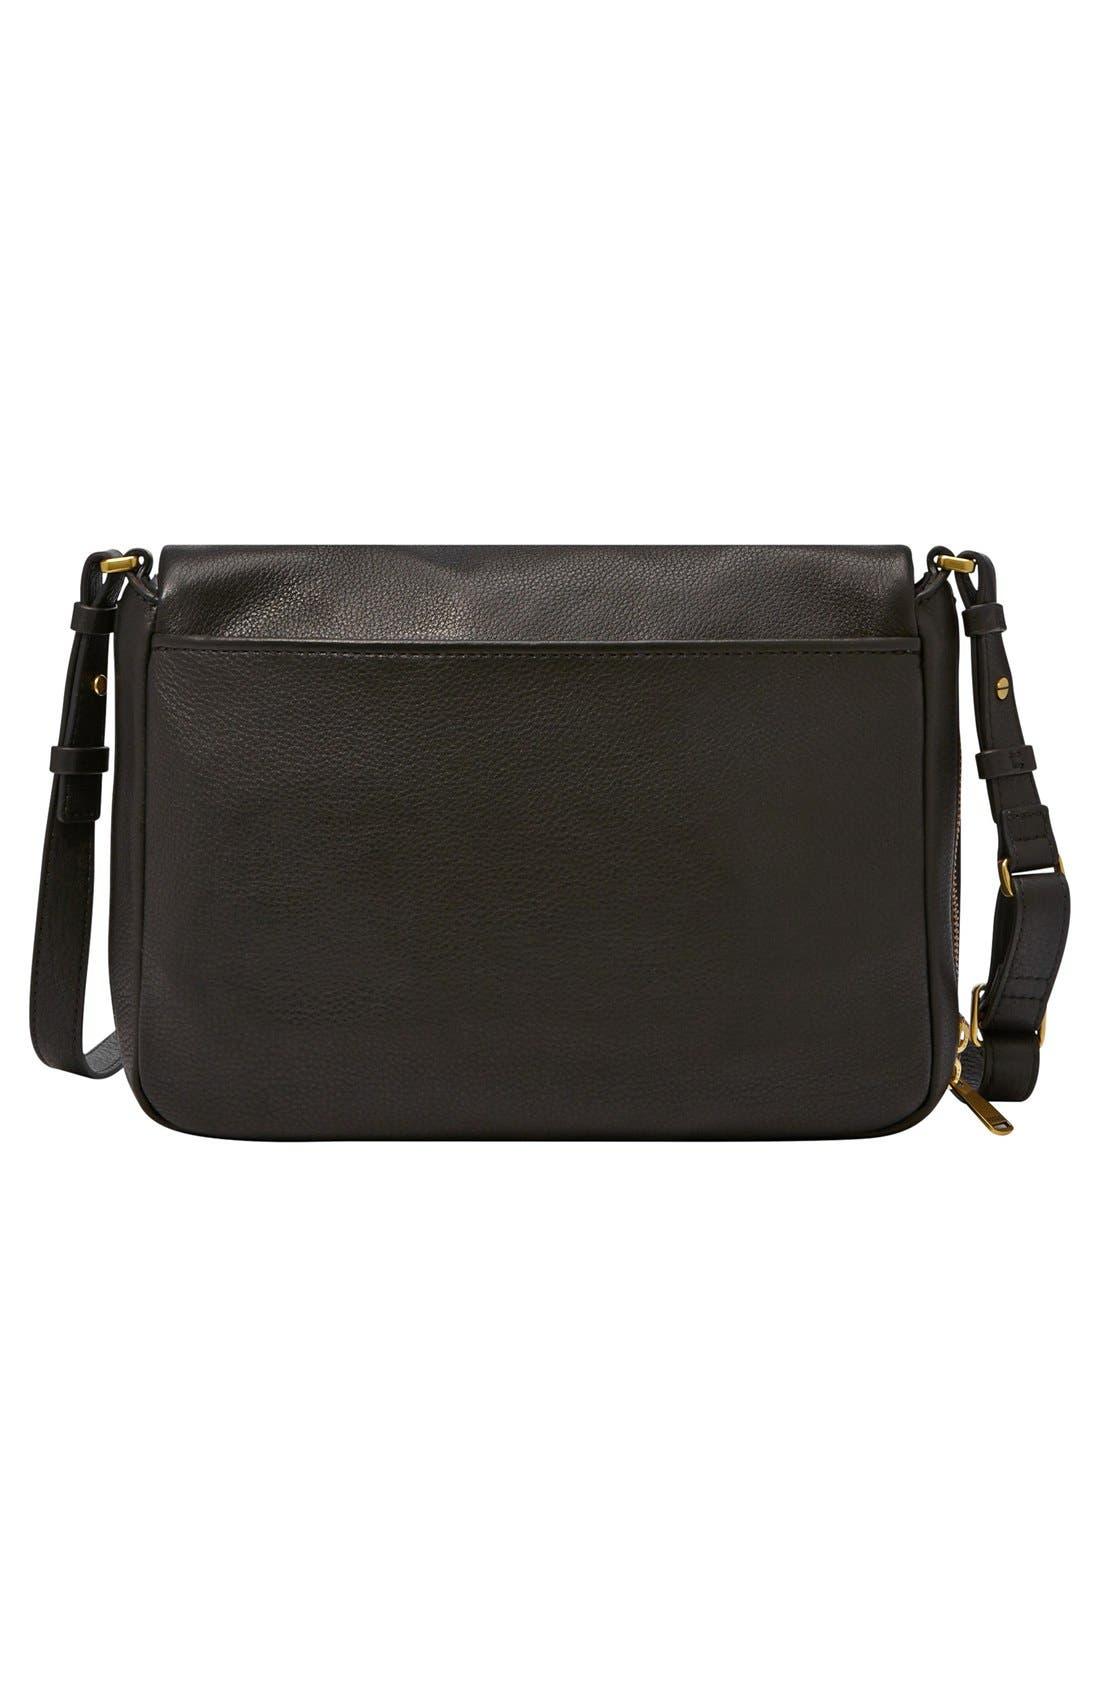 FOSSIL,                             'Preston' Leather Shoulder Bag,                             Alternate thumbnail 5, color,                             001